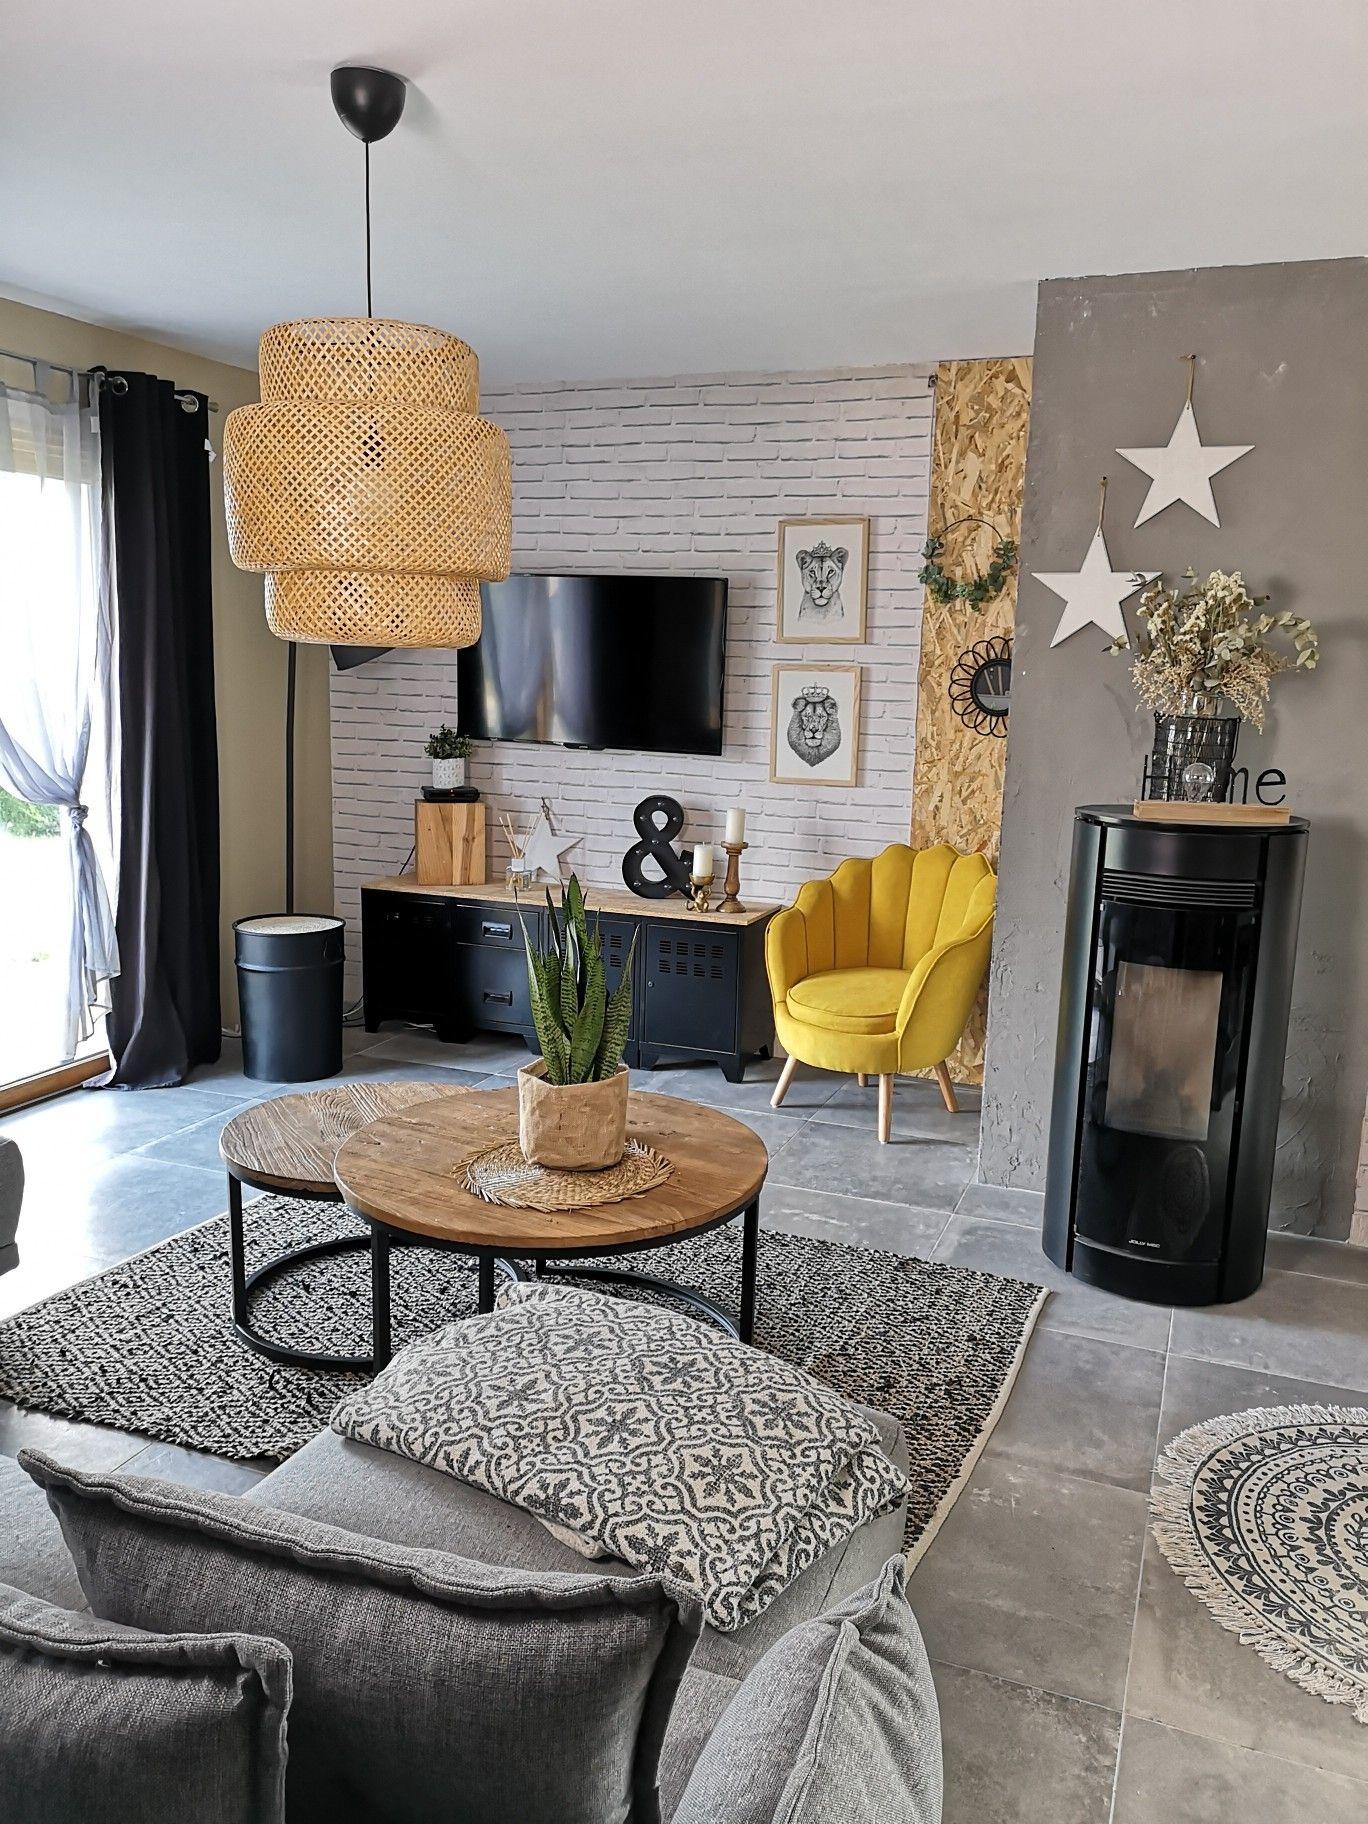 Fauteuil / livingroom /salon / déco industrielle / décoration   Mobilier de salon